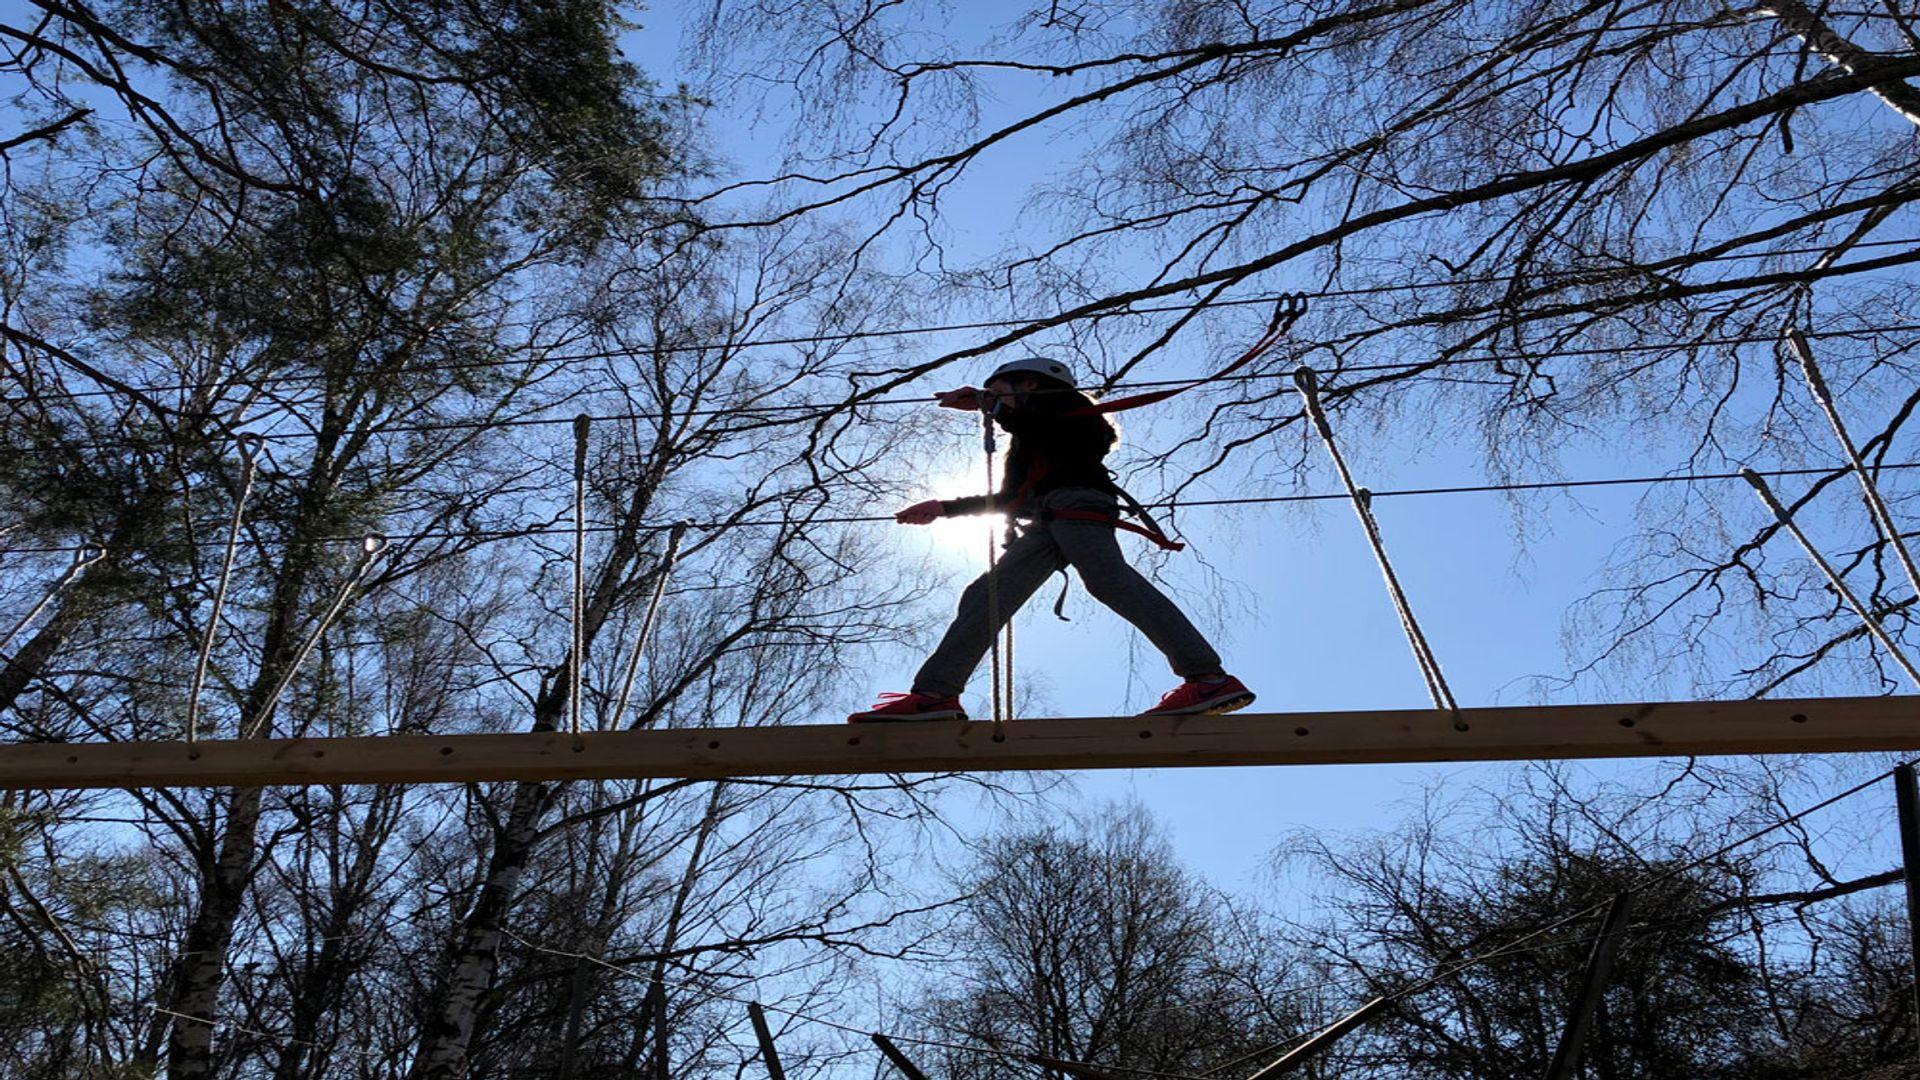 En person går höghöjdbanan intill trädtopparna. Fotograf. Aktivt uteliv pressbild